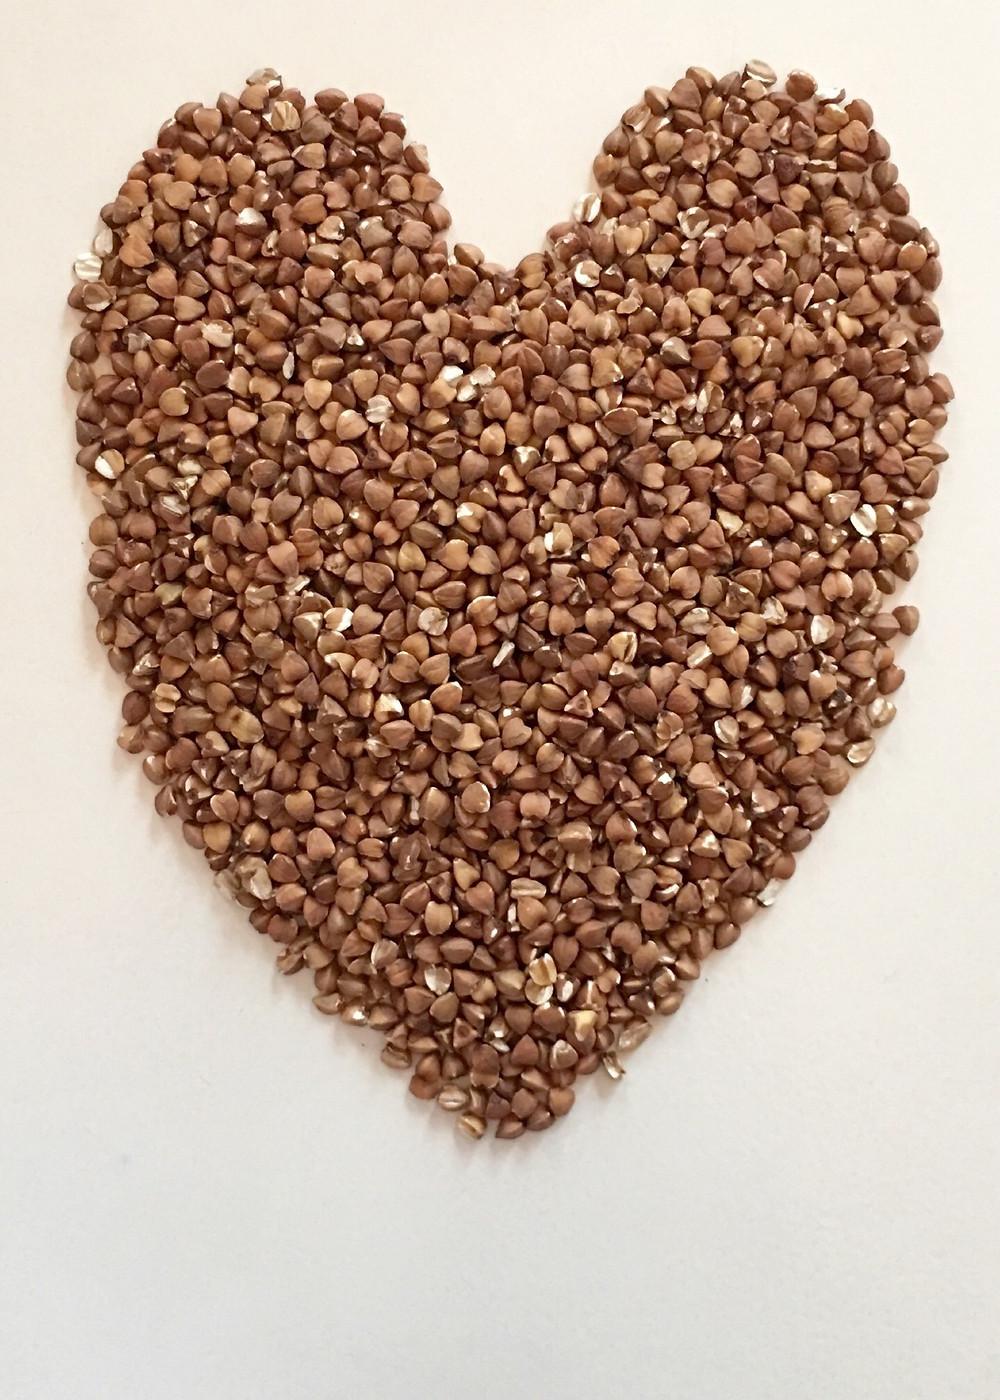 Buckwheat grains in a heart shape